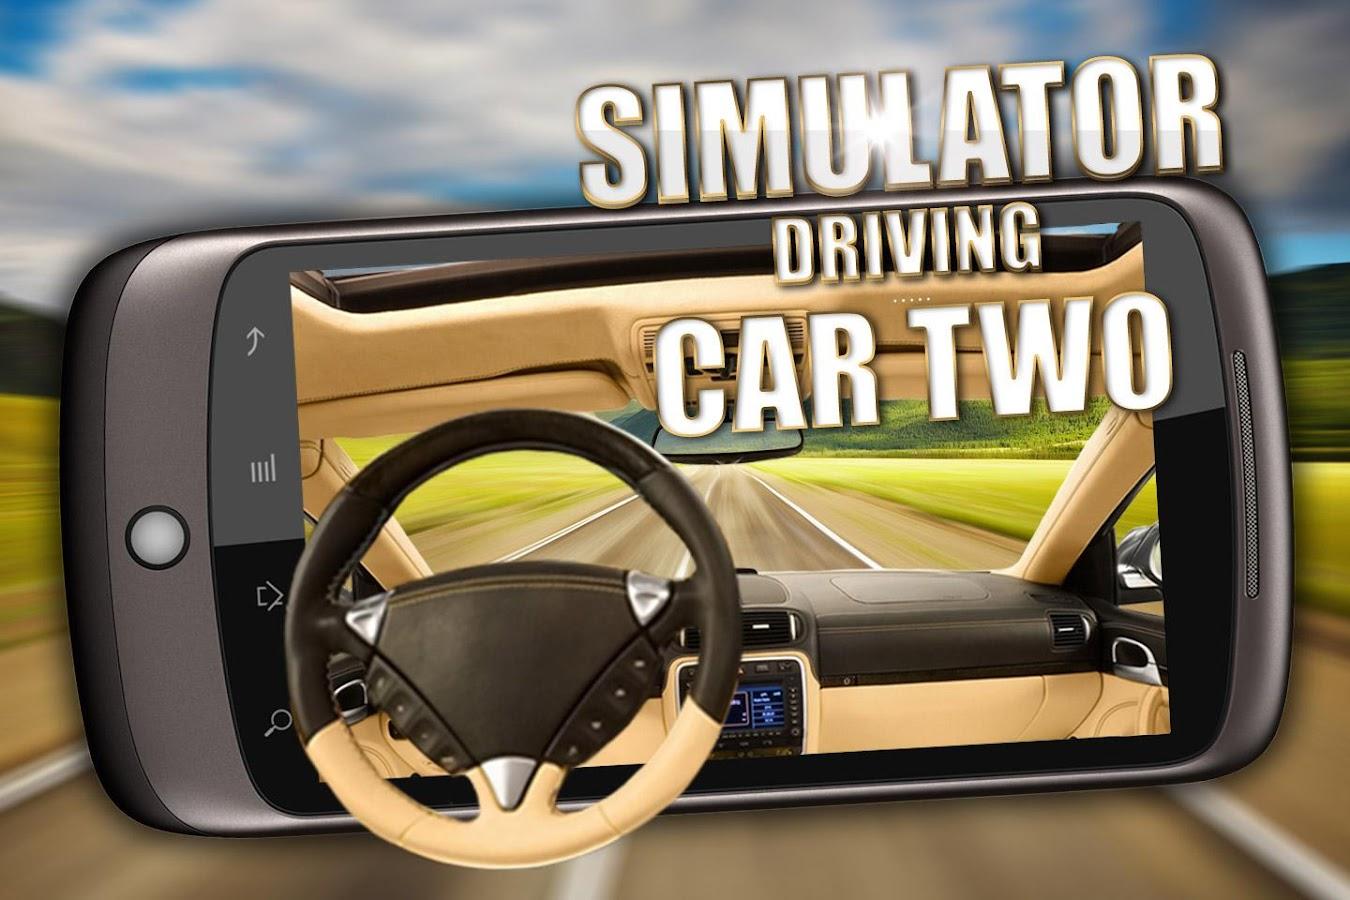 Simulator-driving-car-two 7